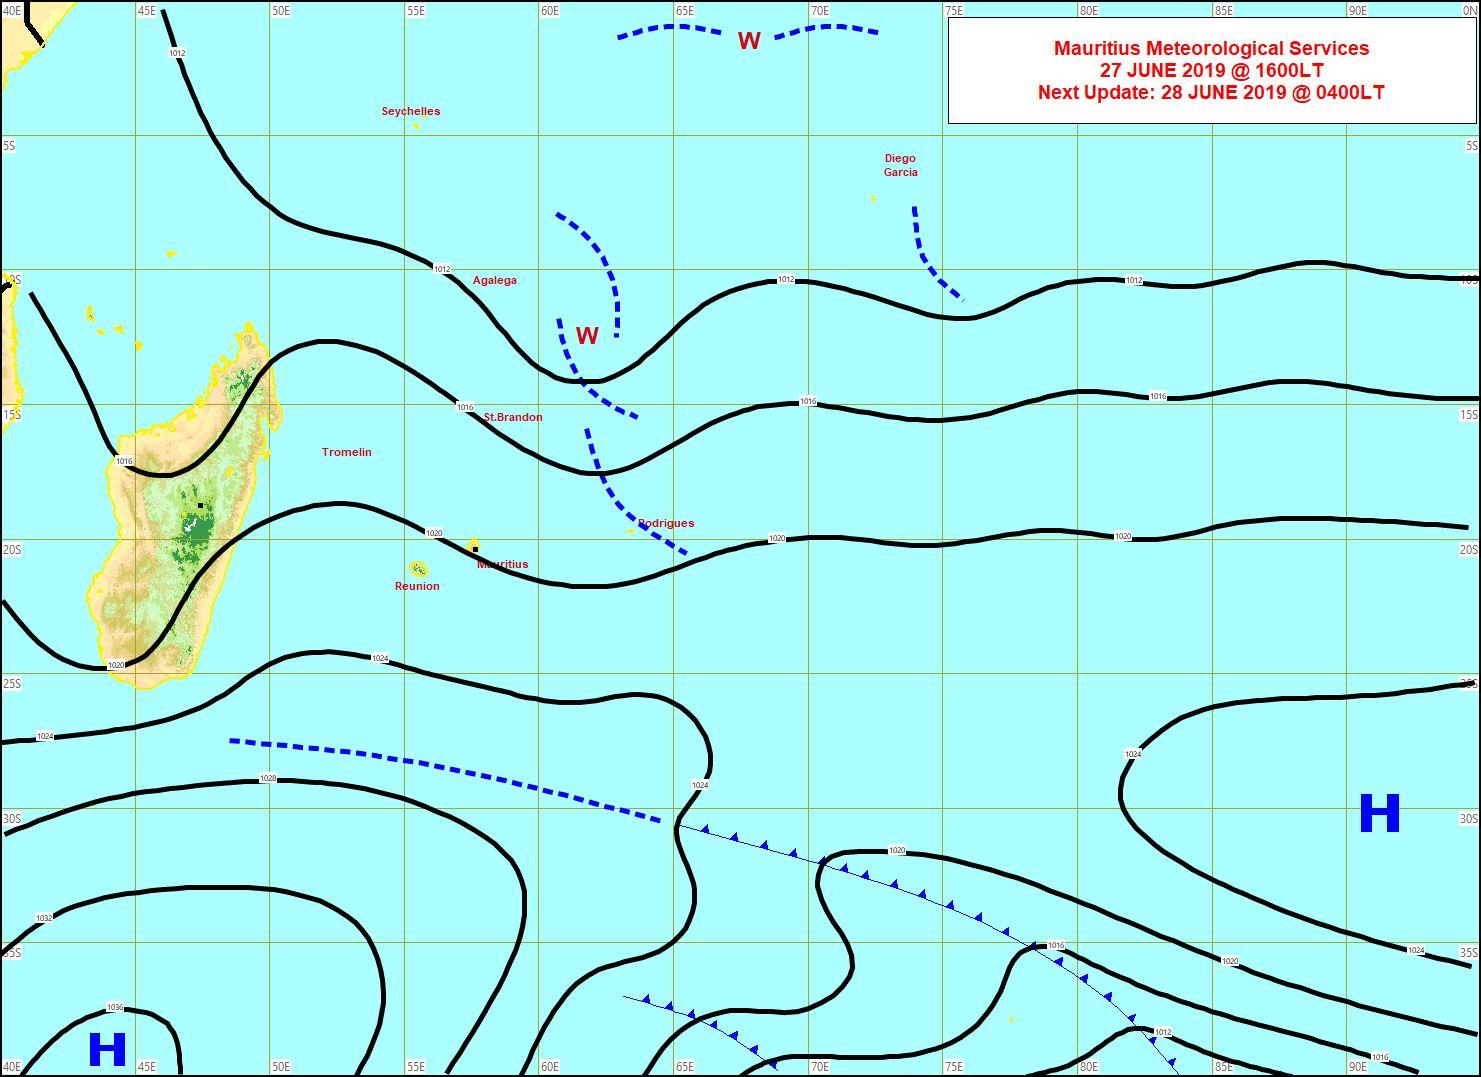 Analyse de la situation de surface cet après midi. L'anticyclone va se positionner au sud des Mascareignes d'où le renforcement du vent. MMS